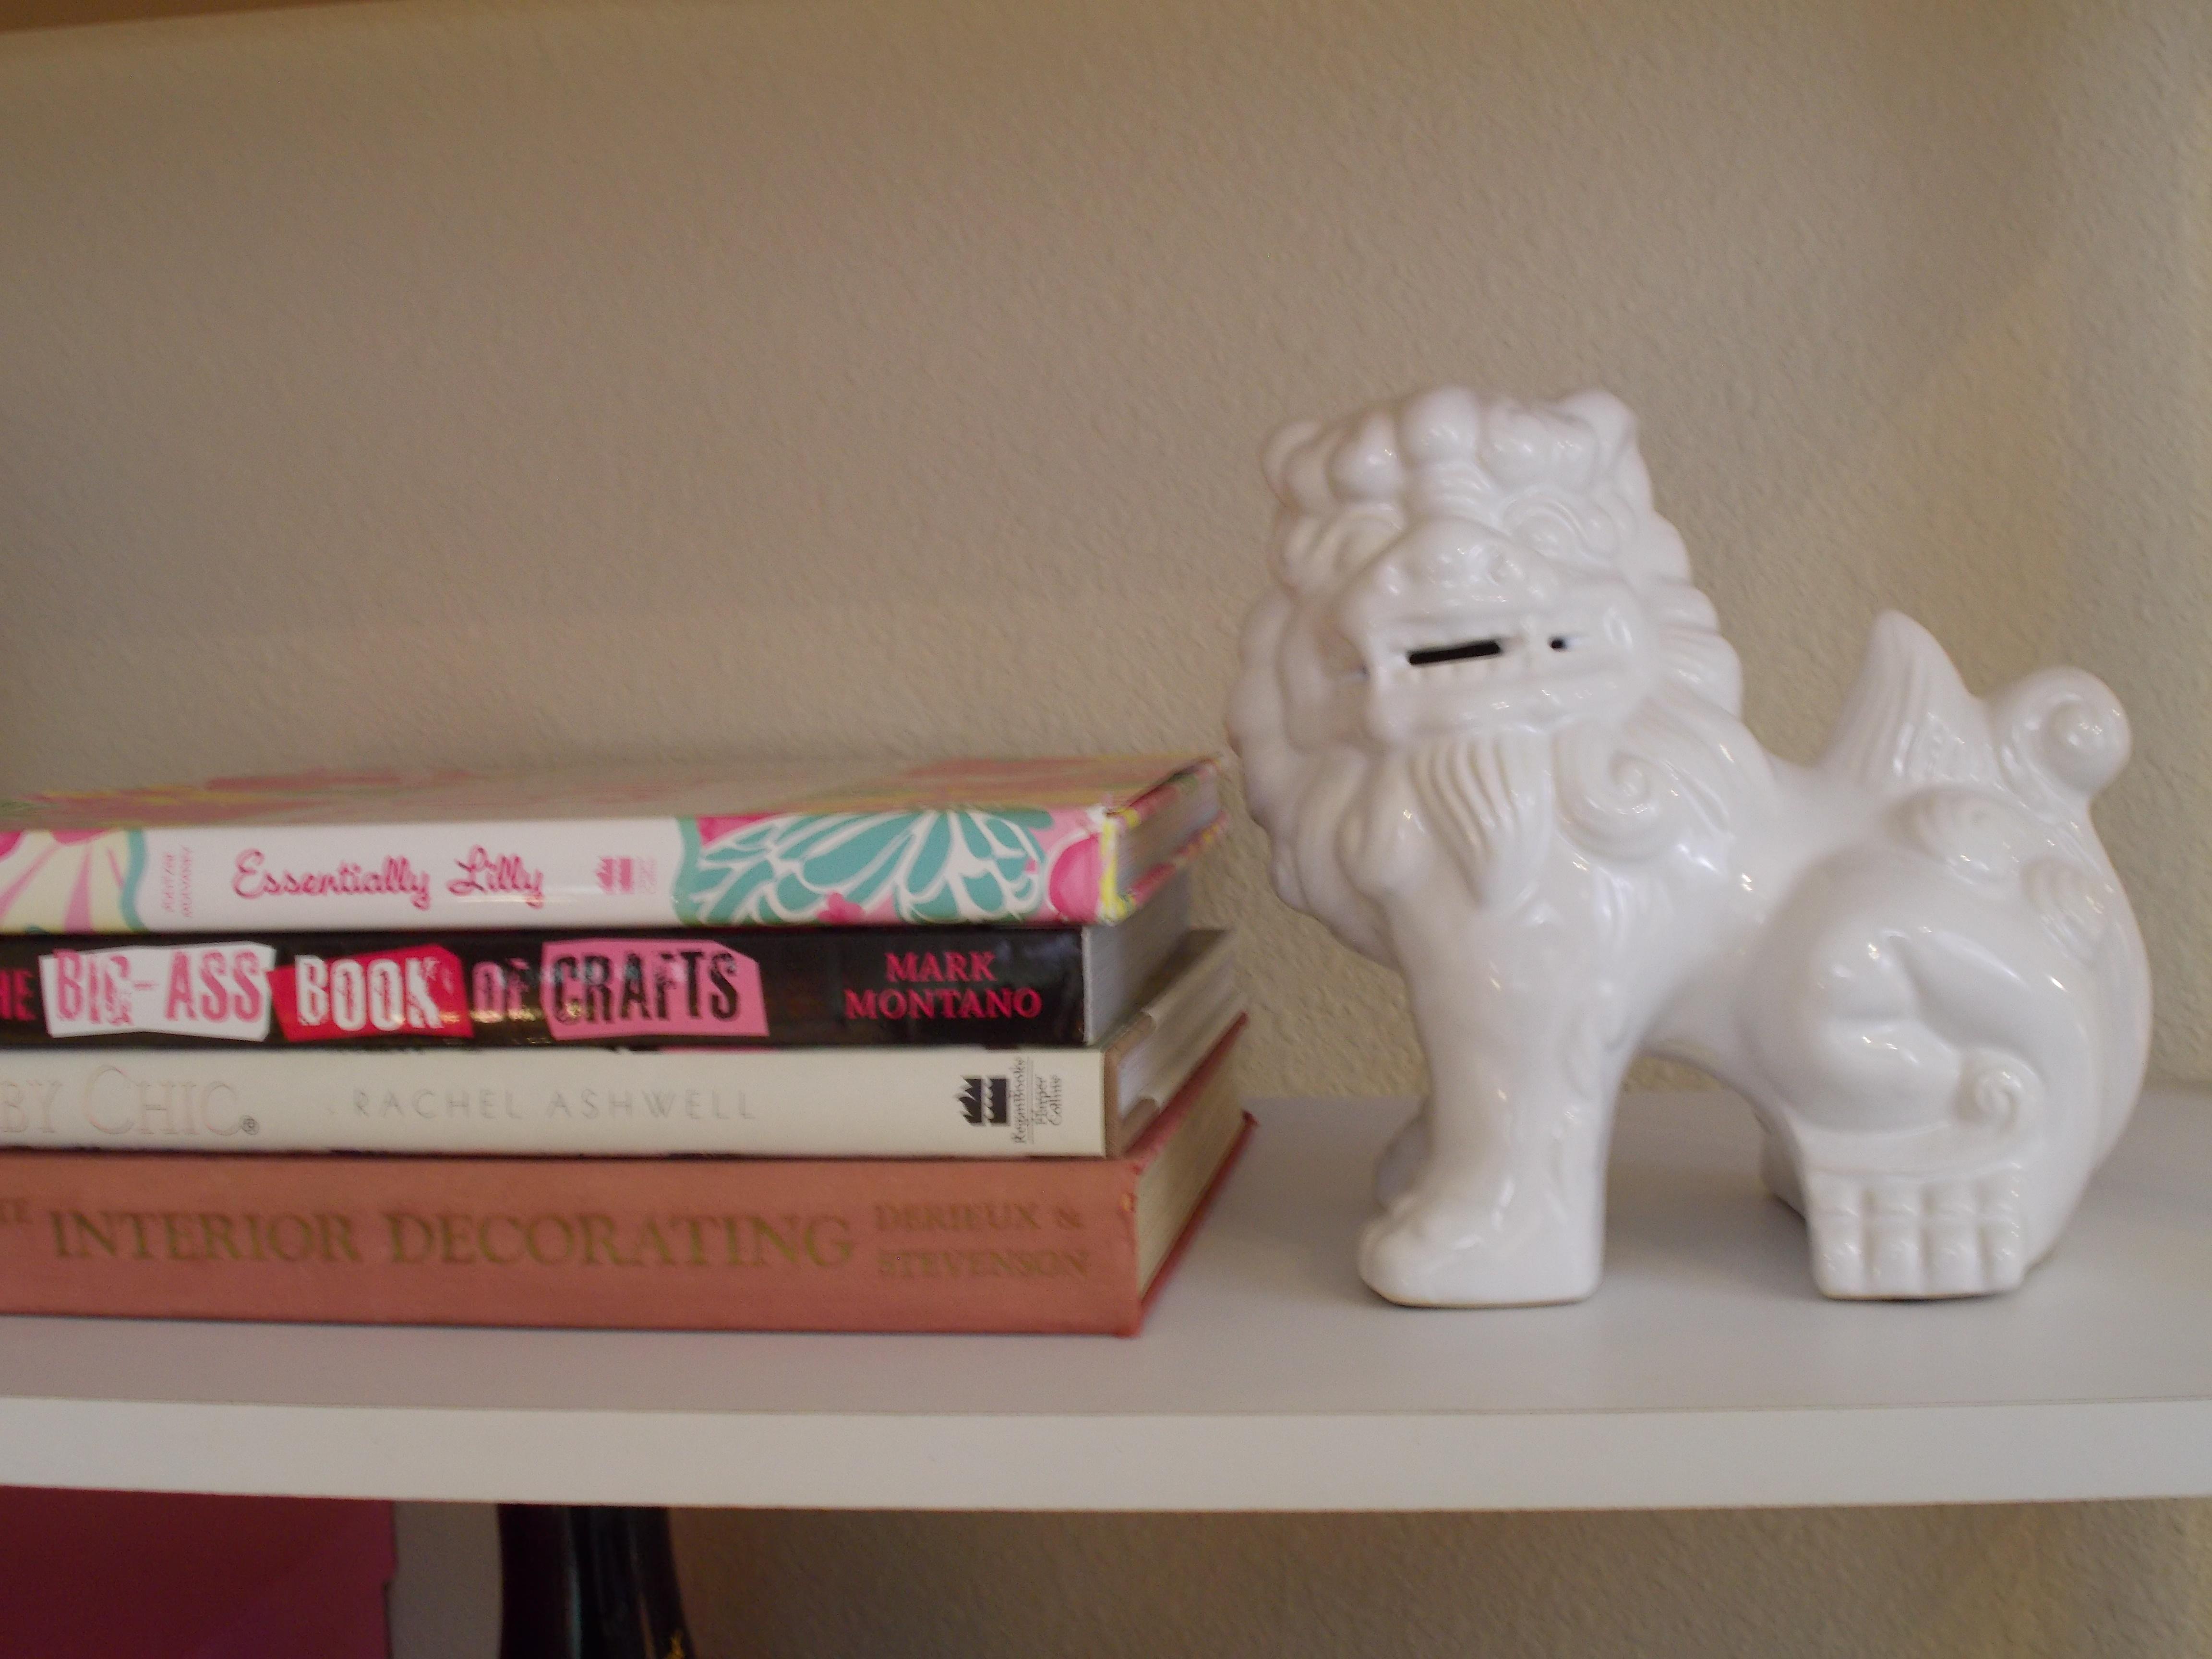 Detail of Bookshelf.